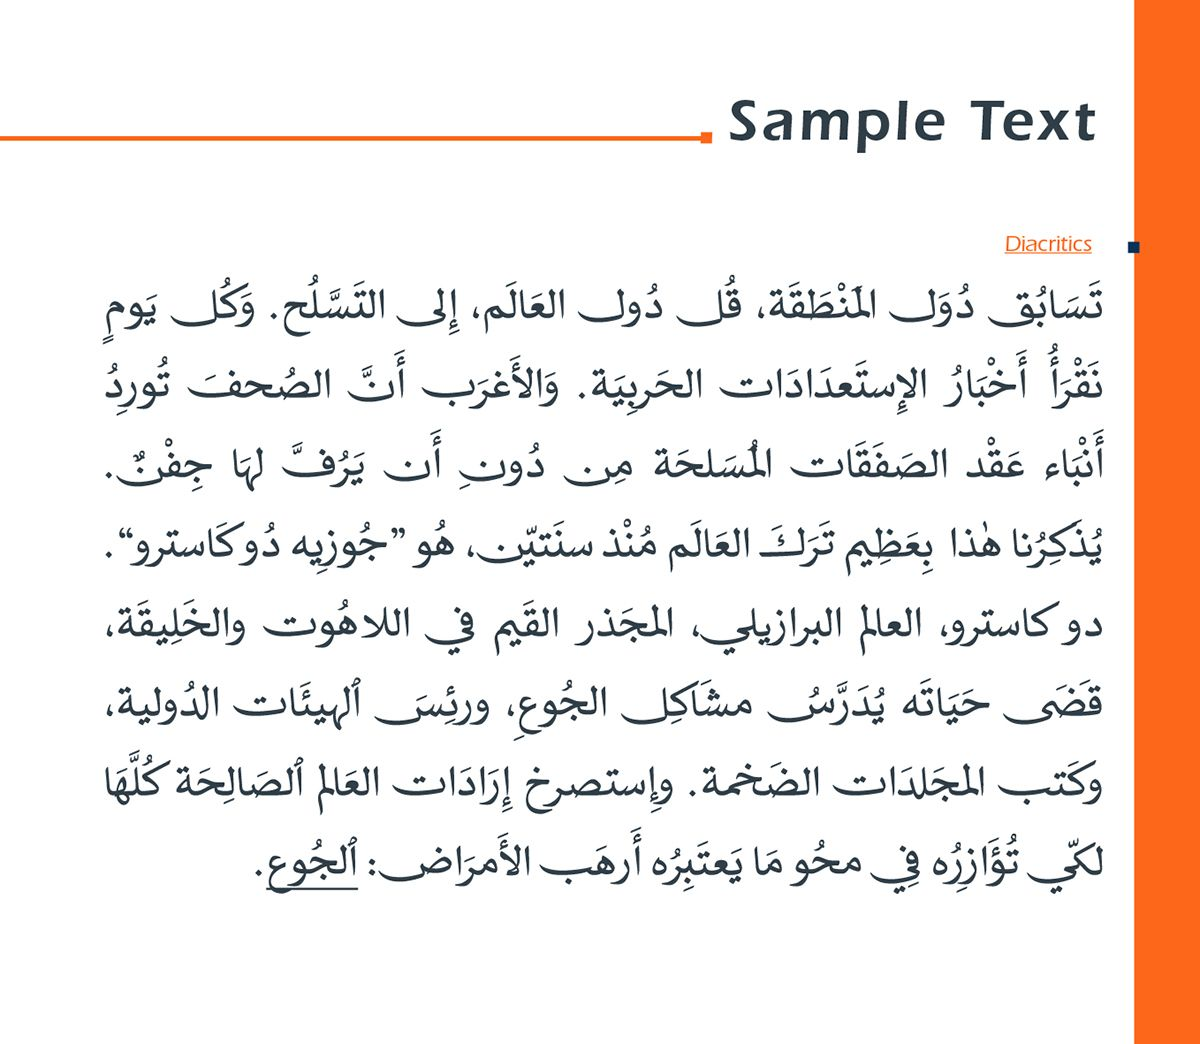 JH Naskh Expanded on Behance | Fonts | Fonts, Behance, Design